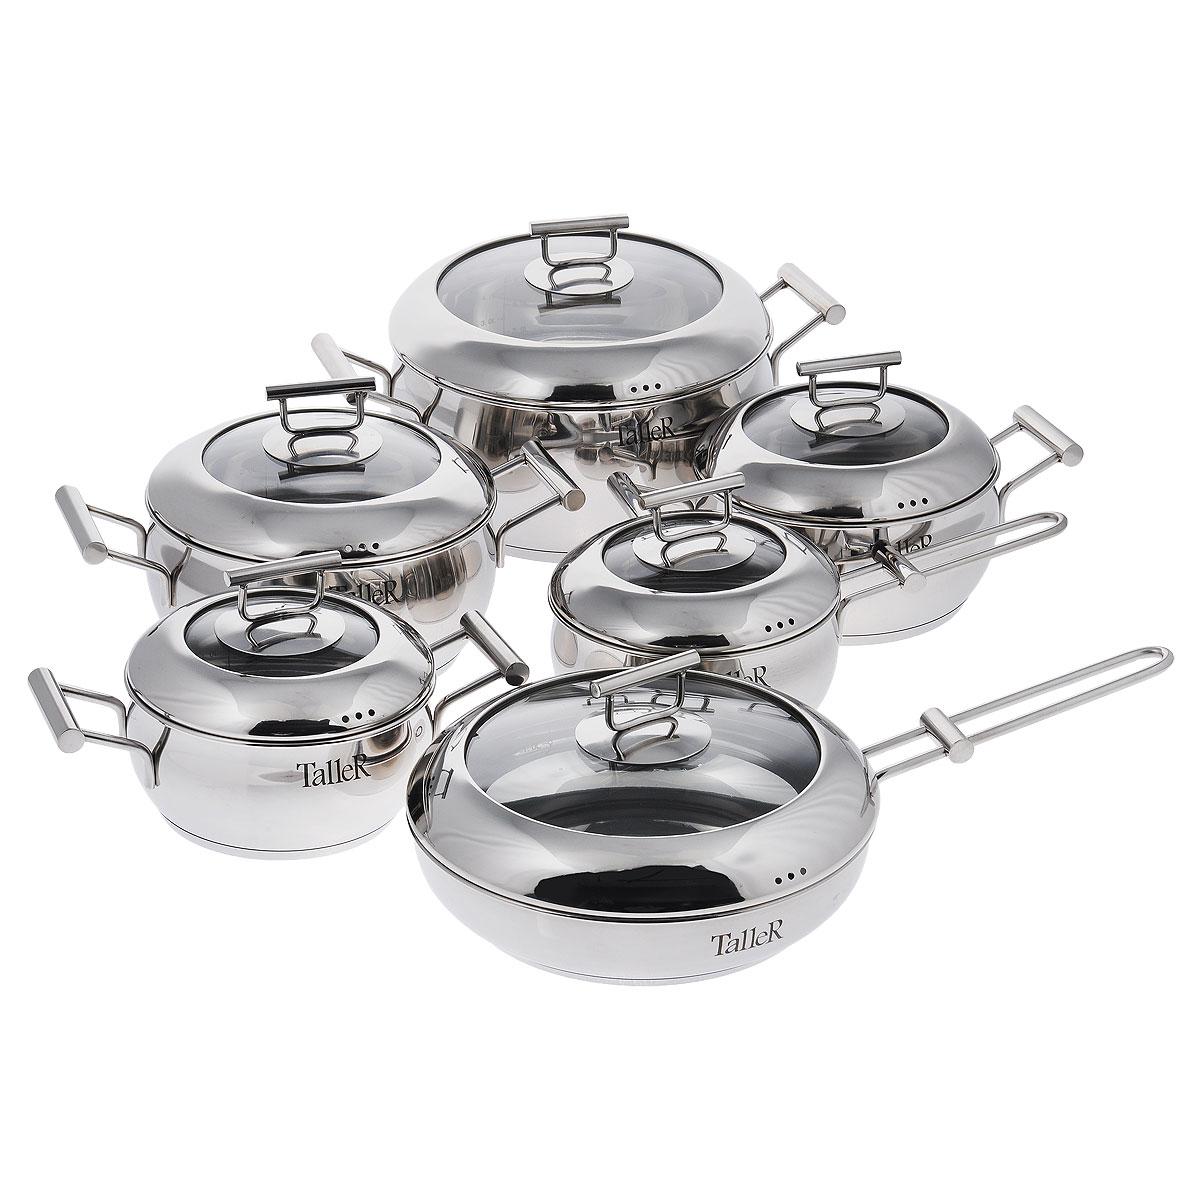 Набор посуды Taller Робертс, 12 предметовTR-1040Набор посуды Taller Робертс состоит из четырех кастрюль разного объема с крышками, сковороды с крышкой, ковша с крышкой. Кастрюли, сковорода и ковш изготовлены из высококачественной нержавеющей стали 18/10 с внутренней и внешней зеркальной полировкой. Удобные отметки литража на внутренней поверхности посуды позволяют не использовать при приготовлении дополнительную мерную посуду. Капсулированное дно с алюминиевой вставкой обеспечивает идеальное распределение тепла. Крышки из жаропрочного стекла и нержавеющей стали позволяет следить за процессом приготовления, не открывая крышки.Надежное крепление ручек гарантирует безопасное использование. Подходит для всех типов плит, включая индукционные. Не использовать в духовом шкафу. Можно мыть в посудомоечной машине. УВАЖАЕМЫЕ КЛИЕНТЫ! Обращаем ваше внимание на тот факт, что объем кастрюль указан максимальный, с учетом полного наполнения до кромки. Шкала на внутренней стенке кастрюль имеет меньший литраж. Высота стенок кастрюль: 11 см, 9,2 см, 8,5 см, 7,5 см. Ширина кастрюль (с учетом ручек): 34,5 см, 31 см, 29 см, 27 см.Диаметр кастрюль: 25 см, 20 см, 18 см, 16 см.Диаметр дна кастрюль: 21 см, 17 см, 15 см, 13 см.Объем кастрюль: 5 л, 2,9 л, 2,1 л, 1,5 л.Высота стенки сковороды: 5 см. Диаметр сковороды: 24 см.Диаметр дна сковороды: 18,5 см.Длина ручки сковороды: 19 см.Объем сковороды: 1,9 л.Высота стенки ковша: 7,5 см. Диаметр ковша: 16 см.Диаметр дна ковша: 13 см.Длина ручки ковша: 15,5 см.Объем ковша: 1,5 л.Толщина стенки: 0,8 мм. Толщина дна: 5,3 мм.